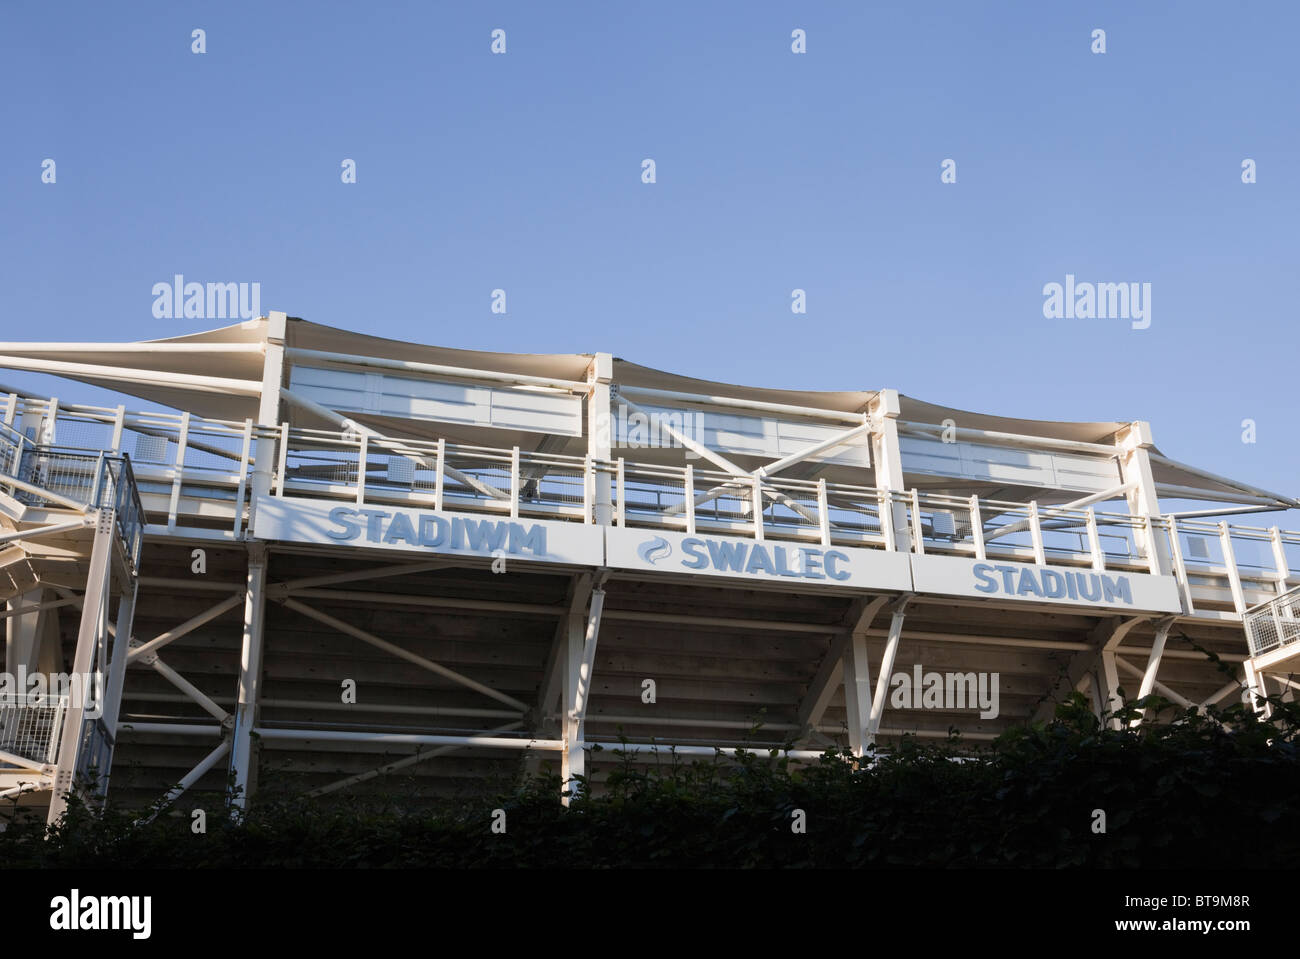 Cardiff (Caerdydd), South Glamorgan, South Wales, UK, Europe. Swalec stadium - Stock Image